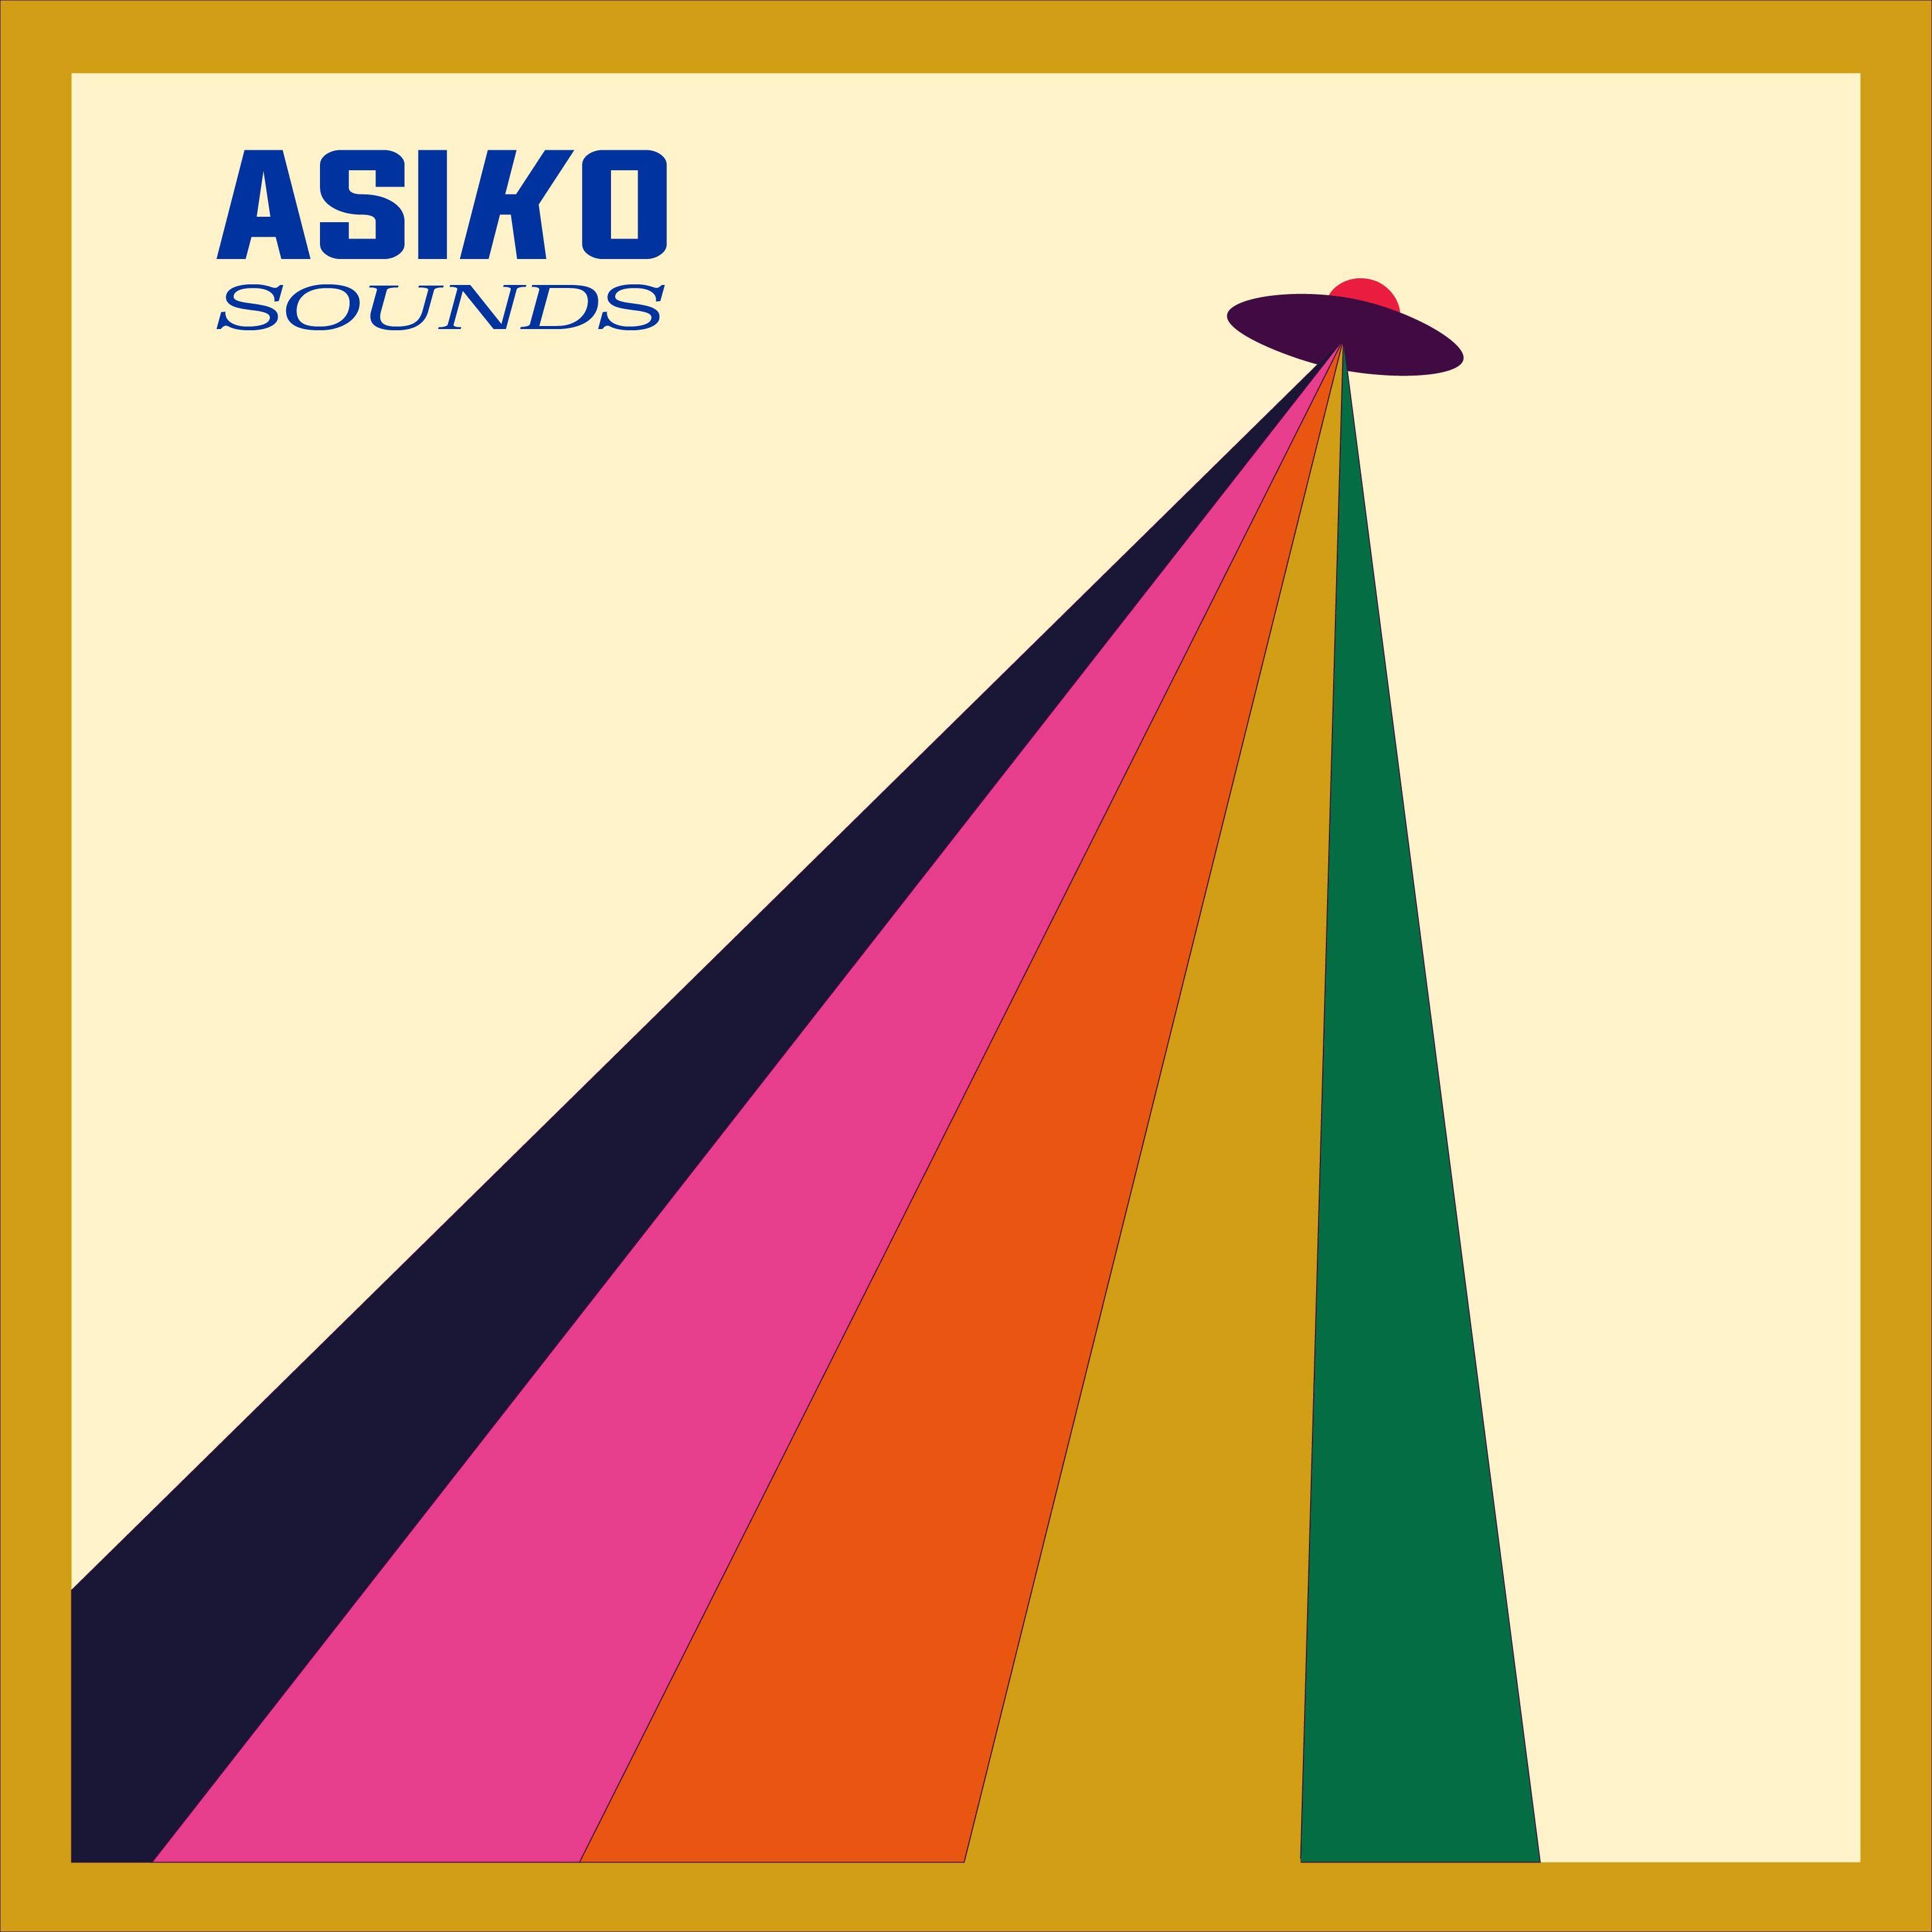 Il logo di Asiko Sounds, dove al raggio di luce mista che si disperde è aggiunta una piccola navicella